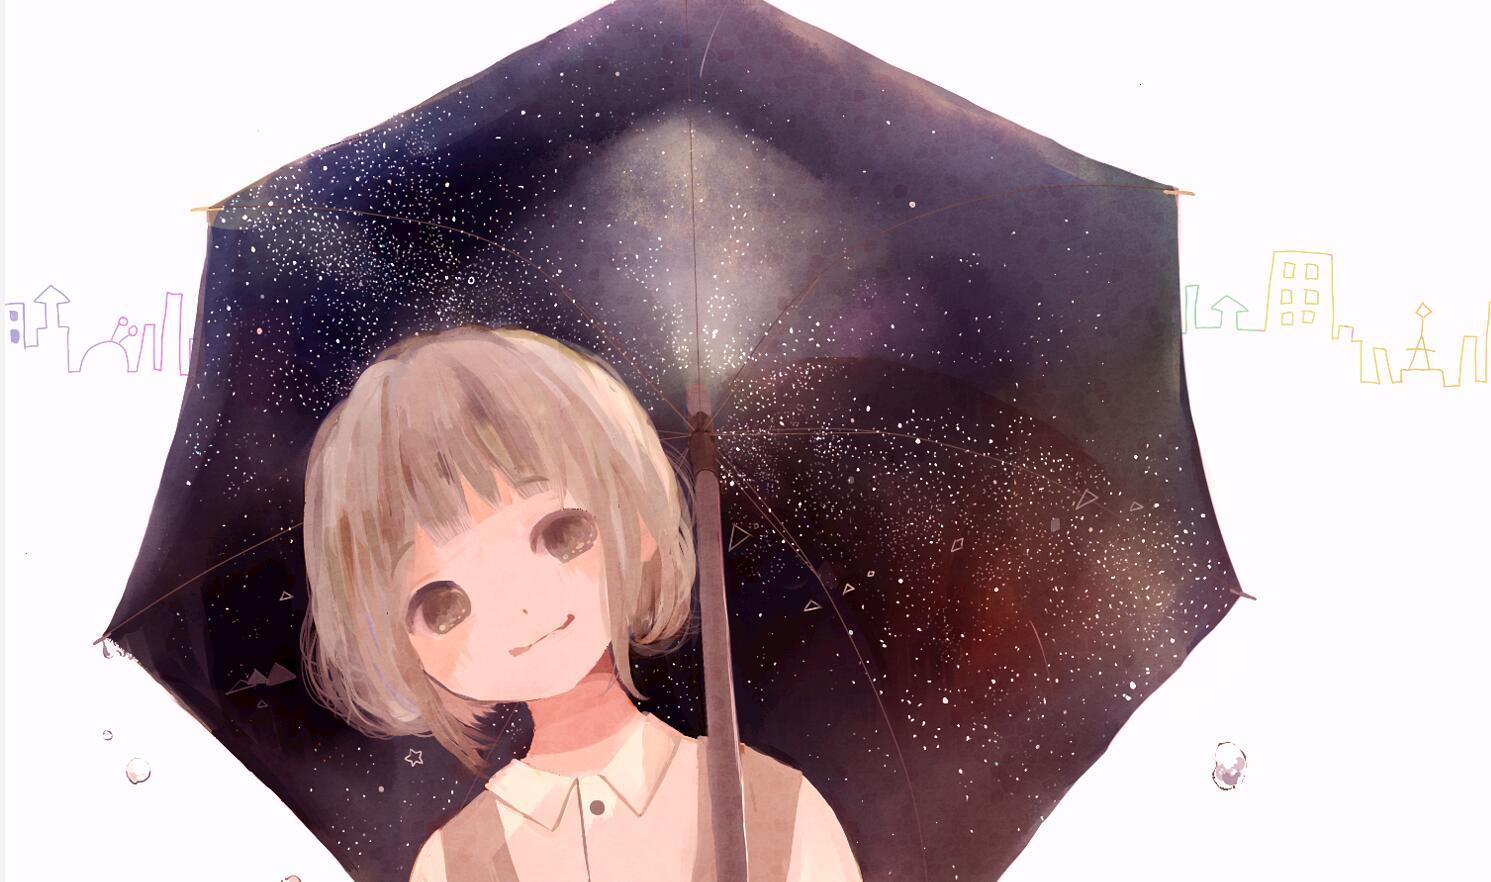 那一天,我丢失的伞。